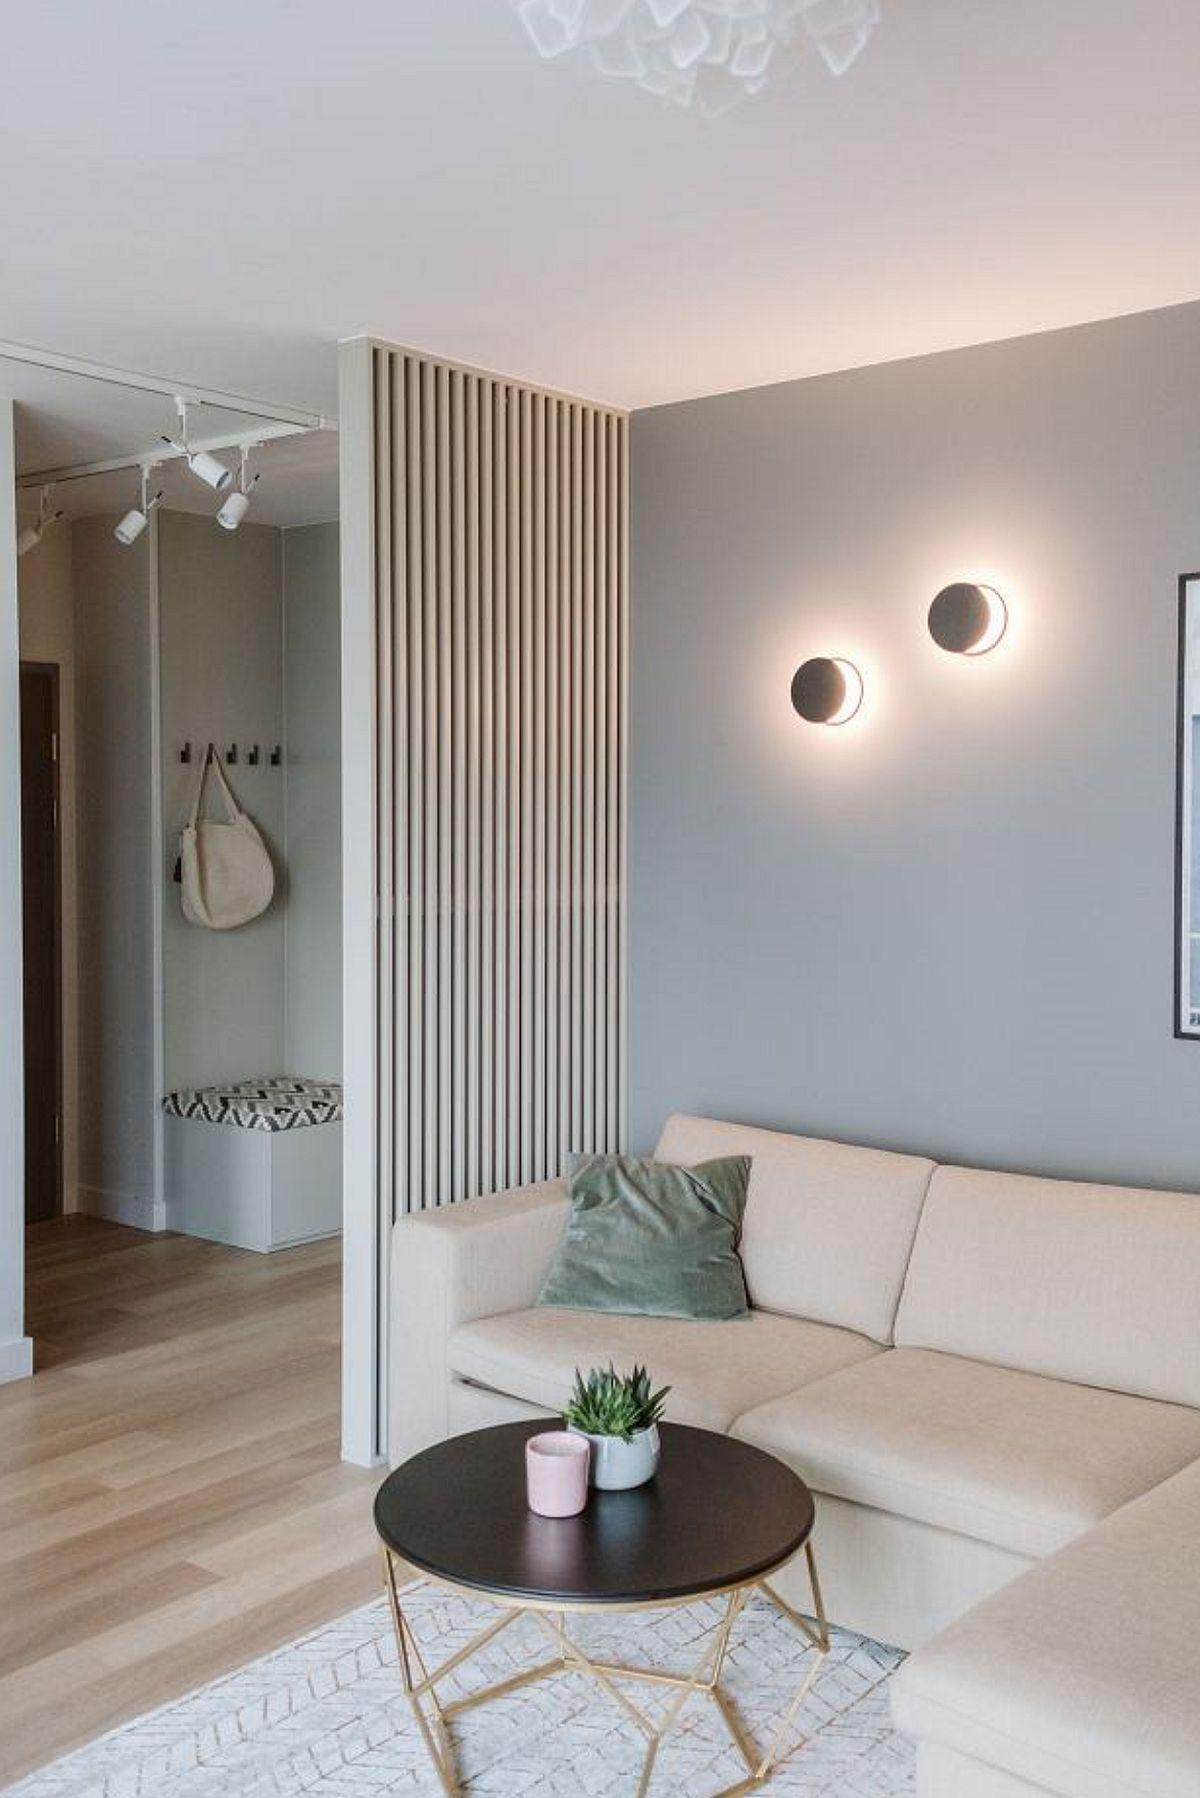 Intrarea în locuință se face pe un hol mic din care se vede direct livingul. Proprietarii și-au dorit mai multă intimitate, așa că arhitecții au prevăzut o delimitare parțială cu un ansamblu de riflaje, realizate pe comandă, în dreptul canapelei.